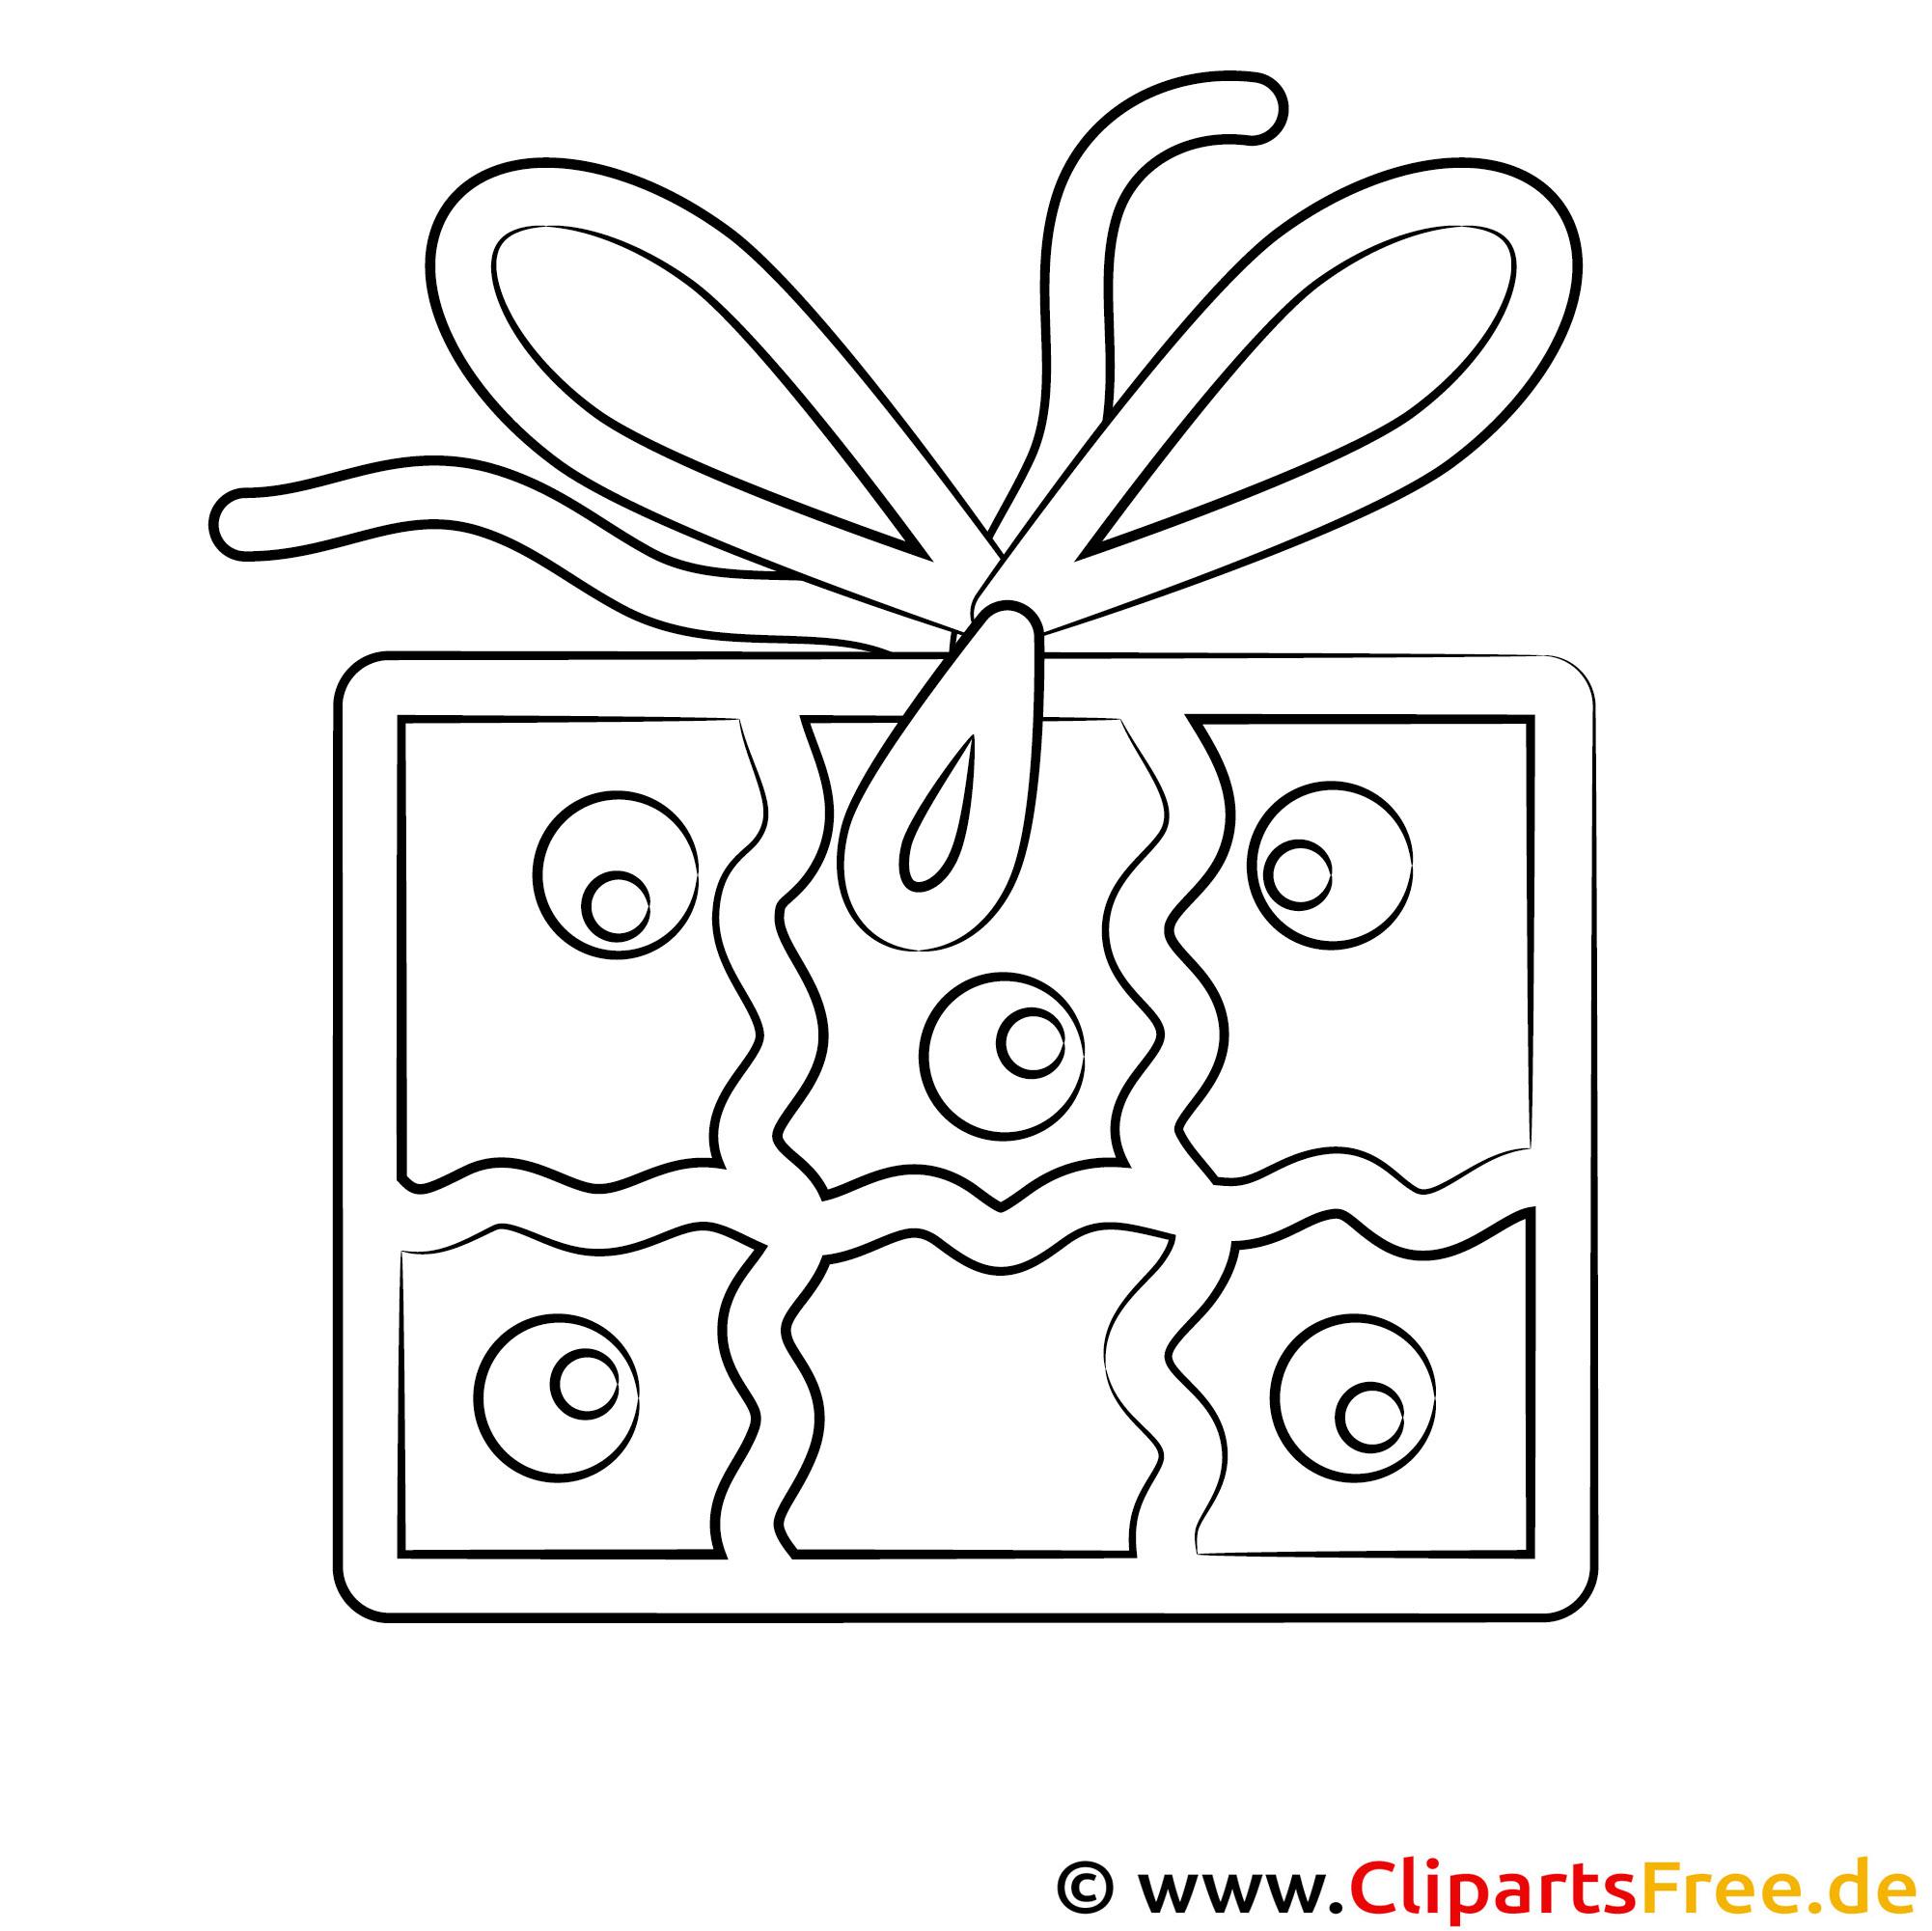 Geschenk zum Geburtstag Malvorlage